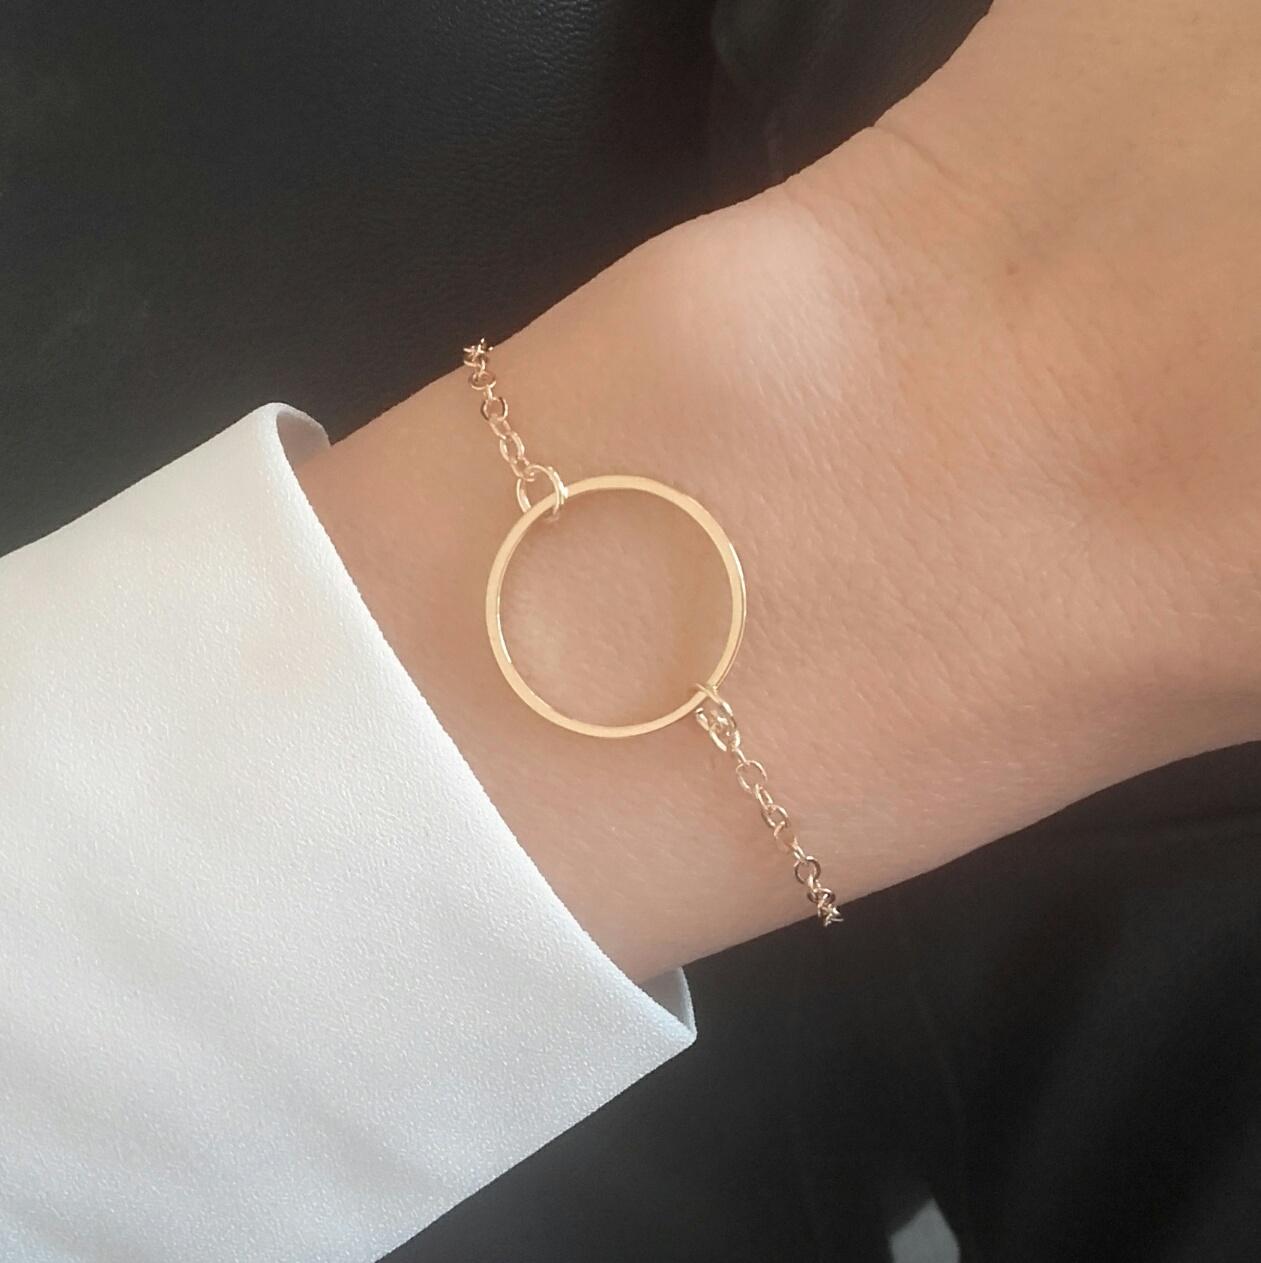 id e cadeau soeur bracelet cercle bijoux fantaisie. Black Bedroom Furniture Sets. Home Design Ideas